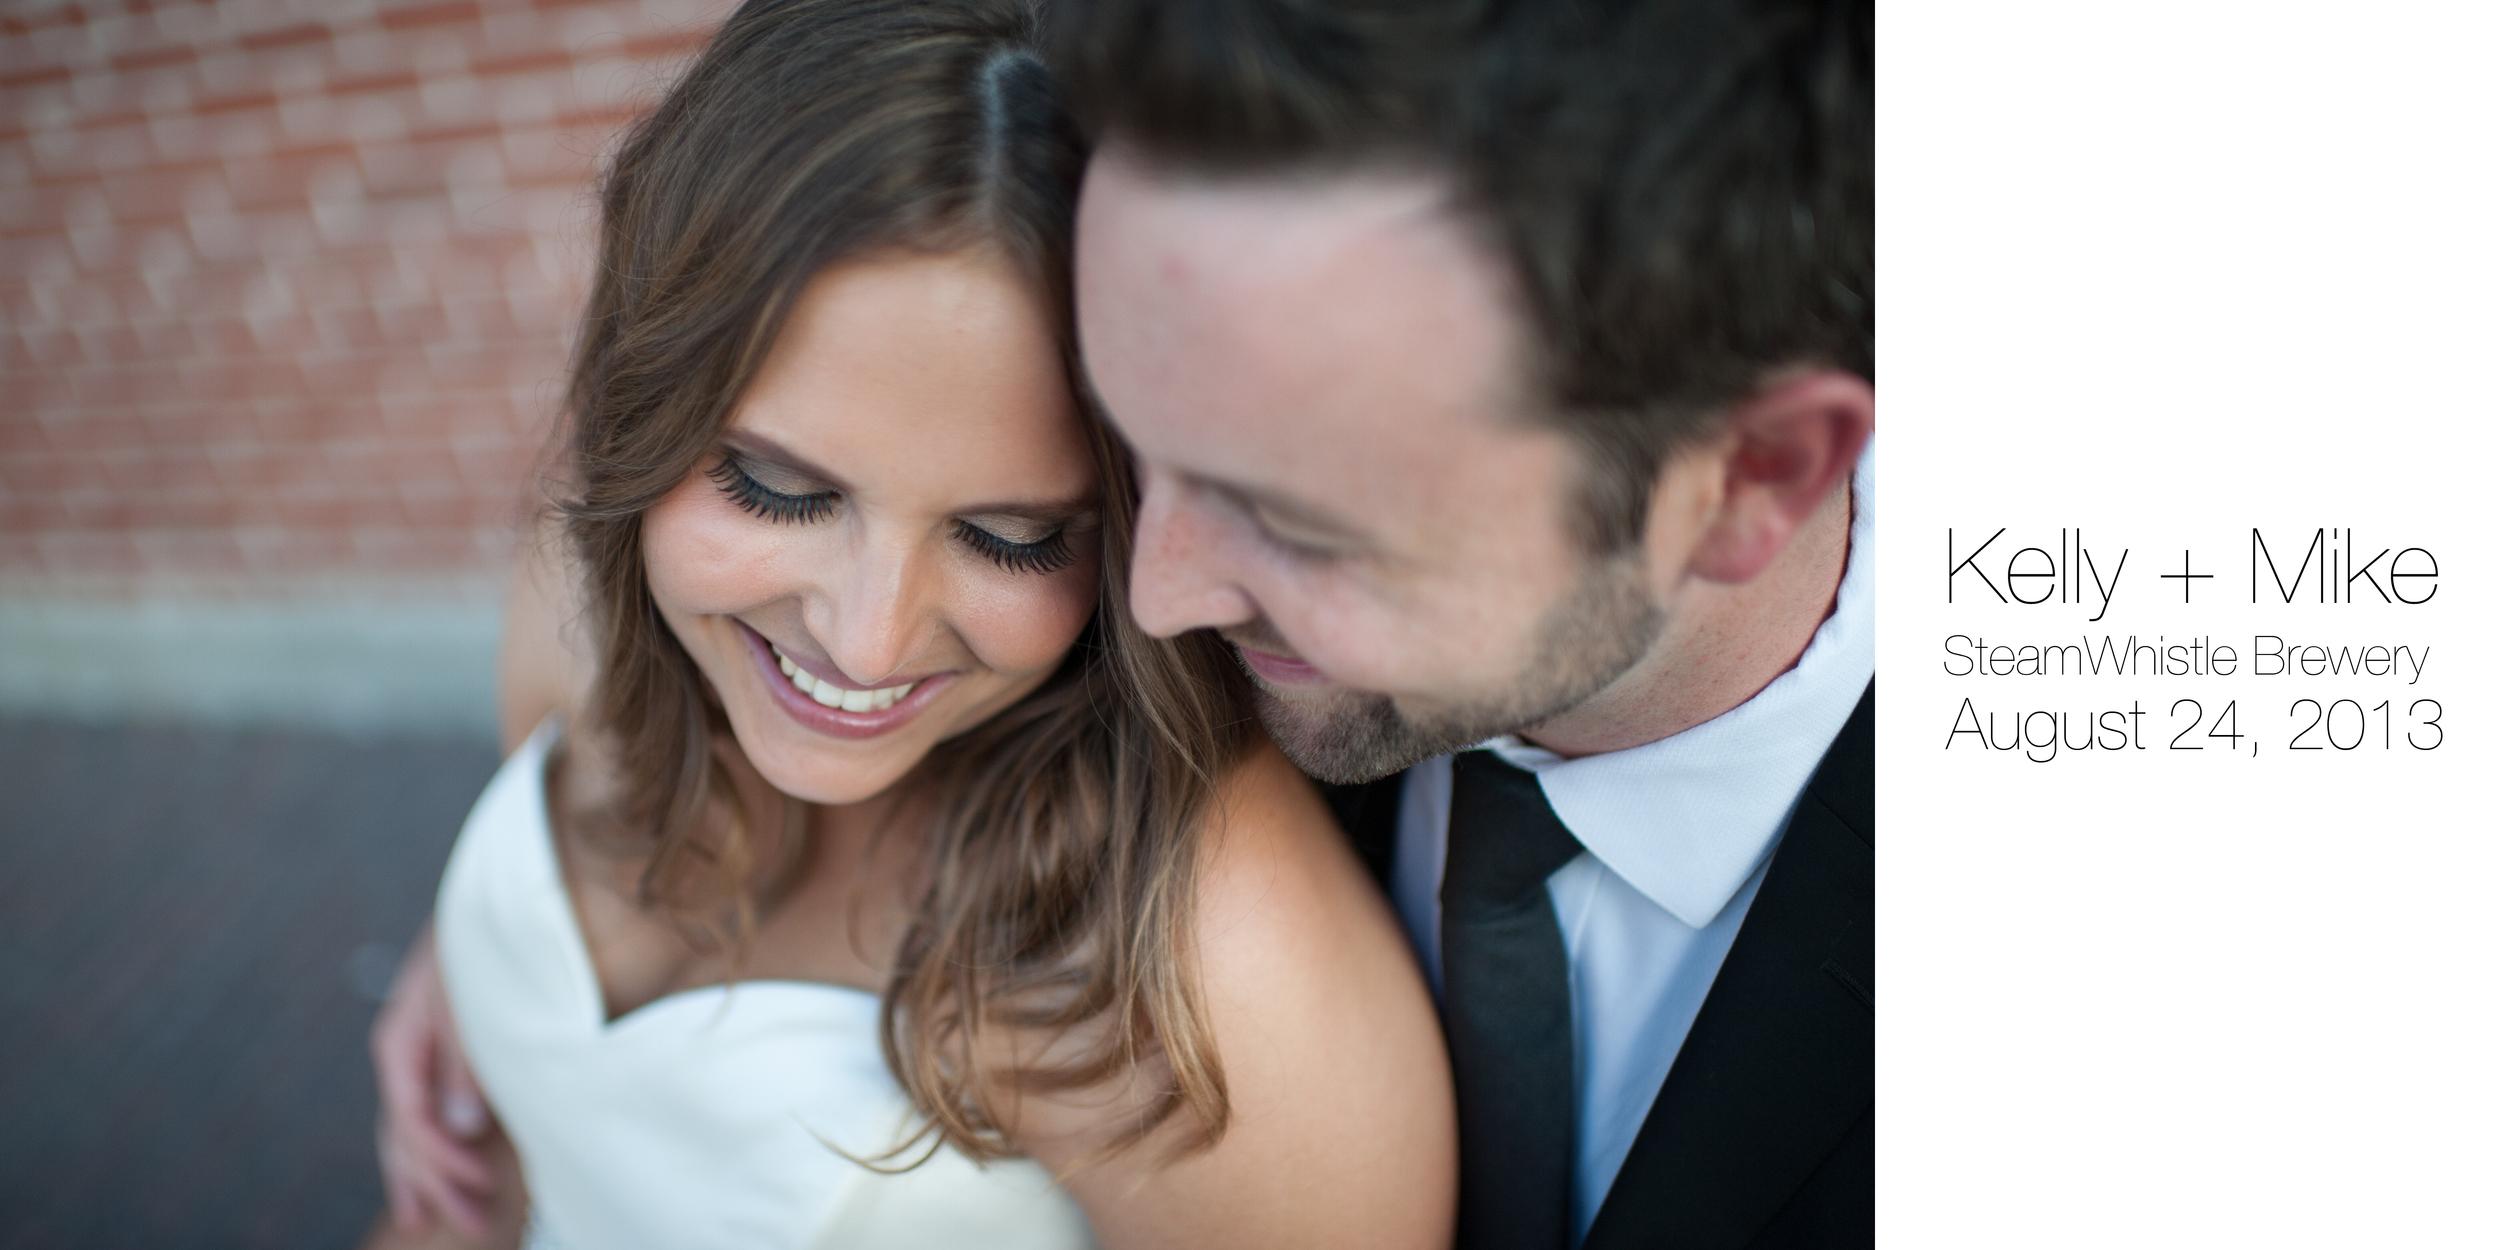 steamwhistle-brewery-wedding